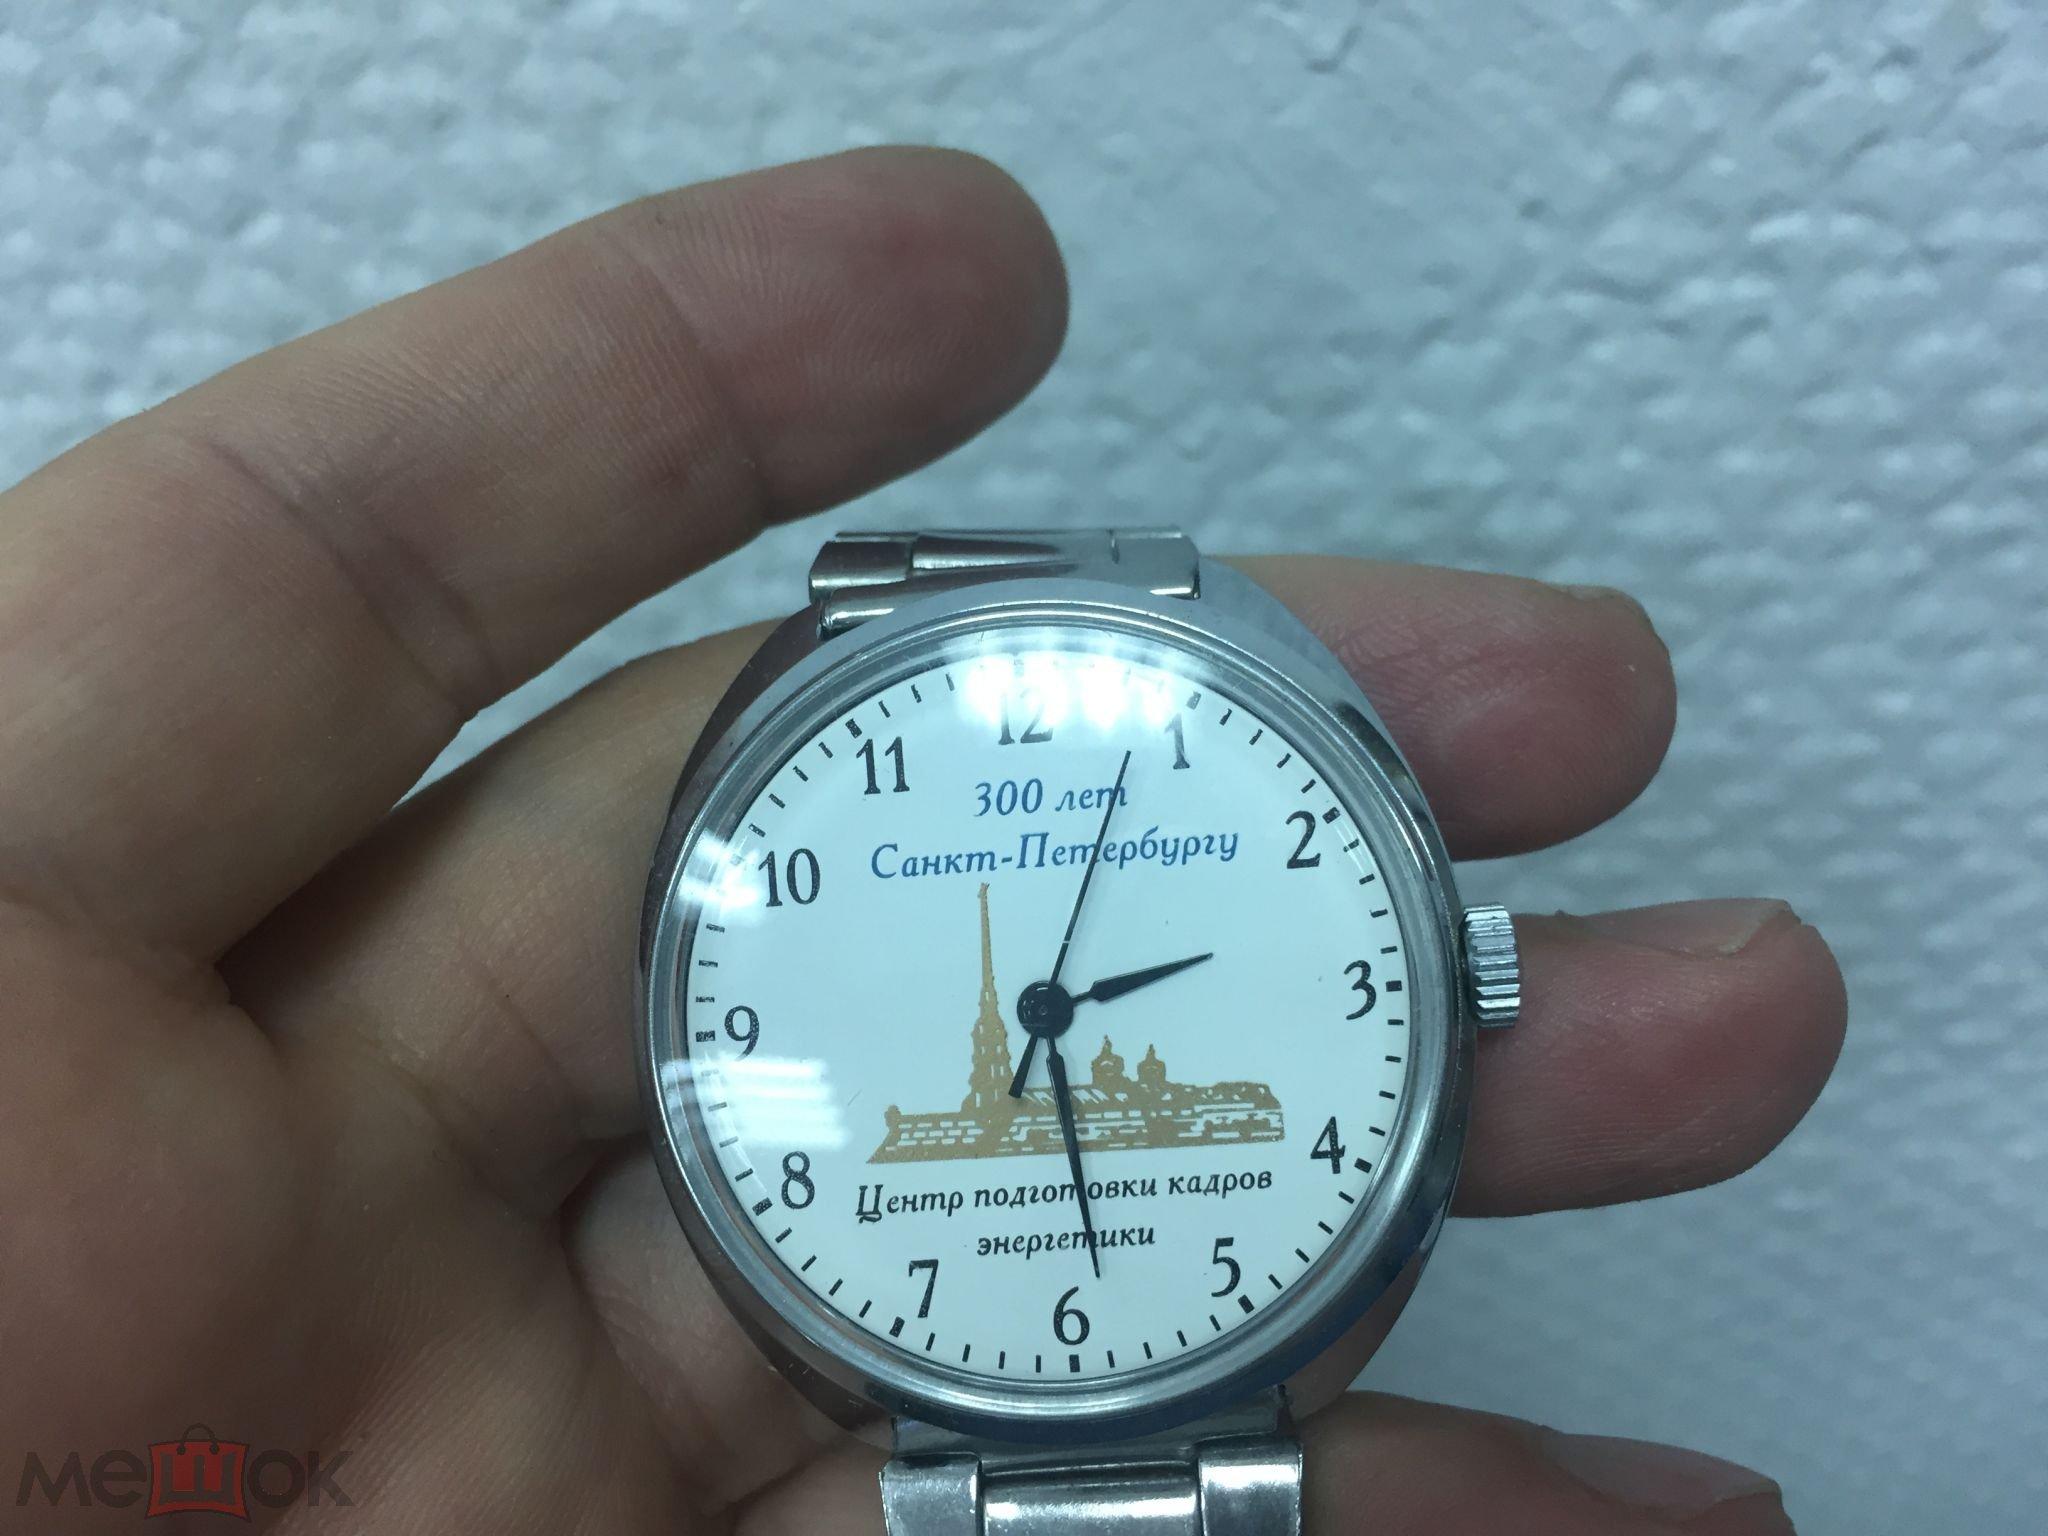 Наручные часы российскому флоту 300 лет сонник золотые наручные часы на руке